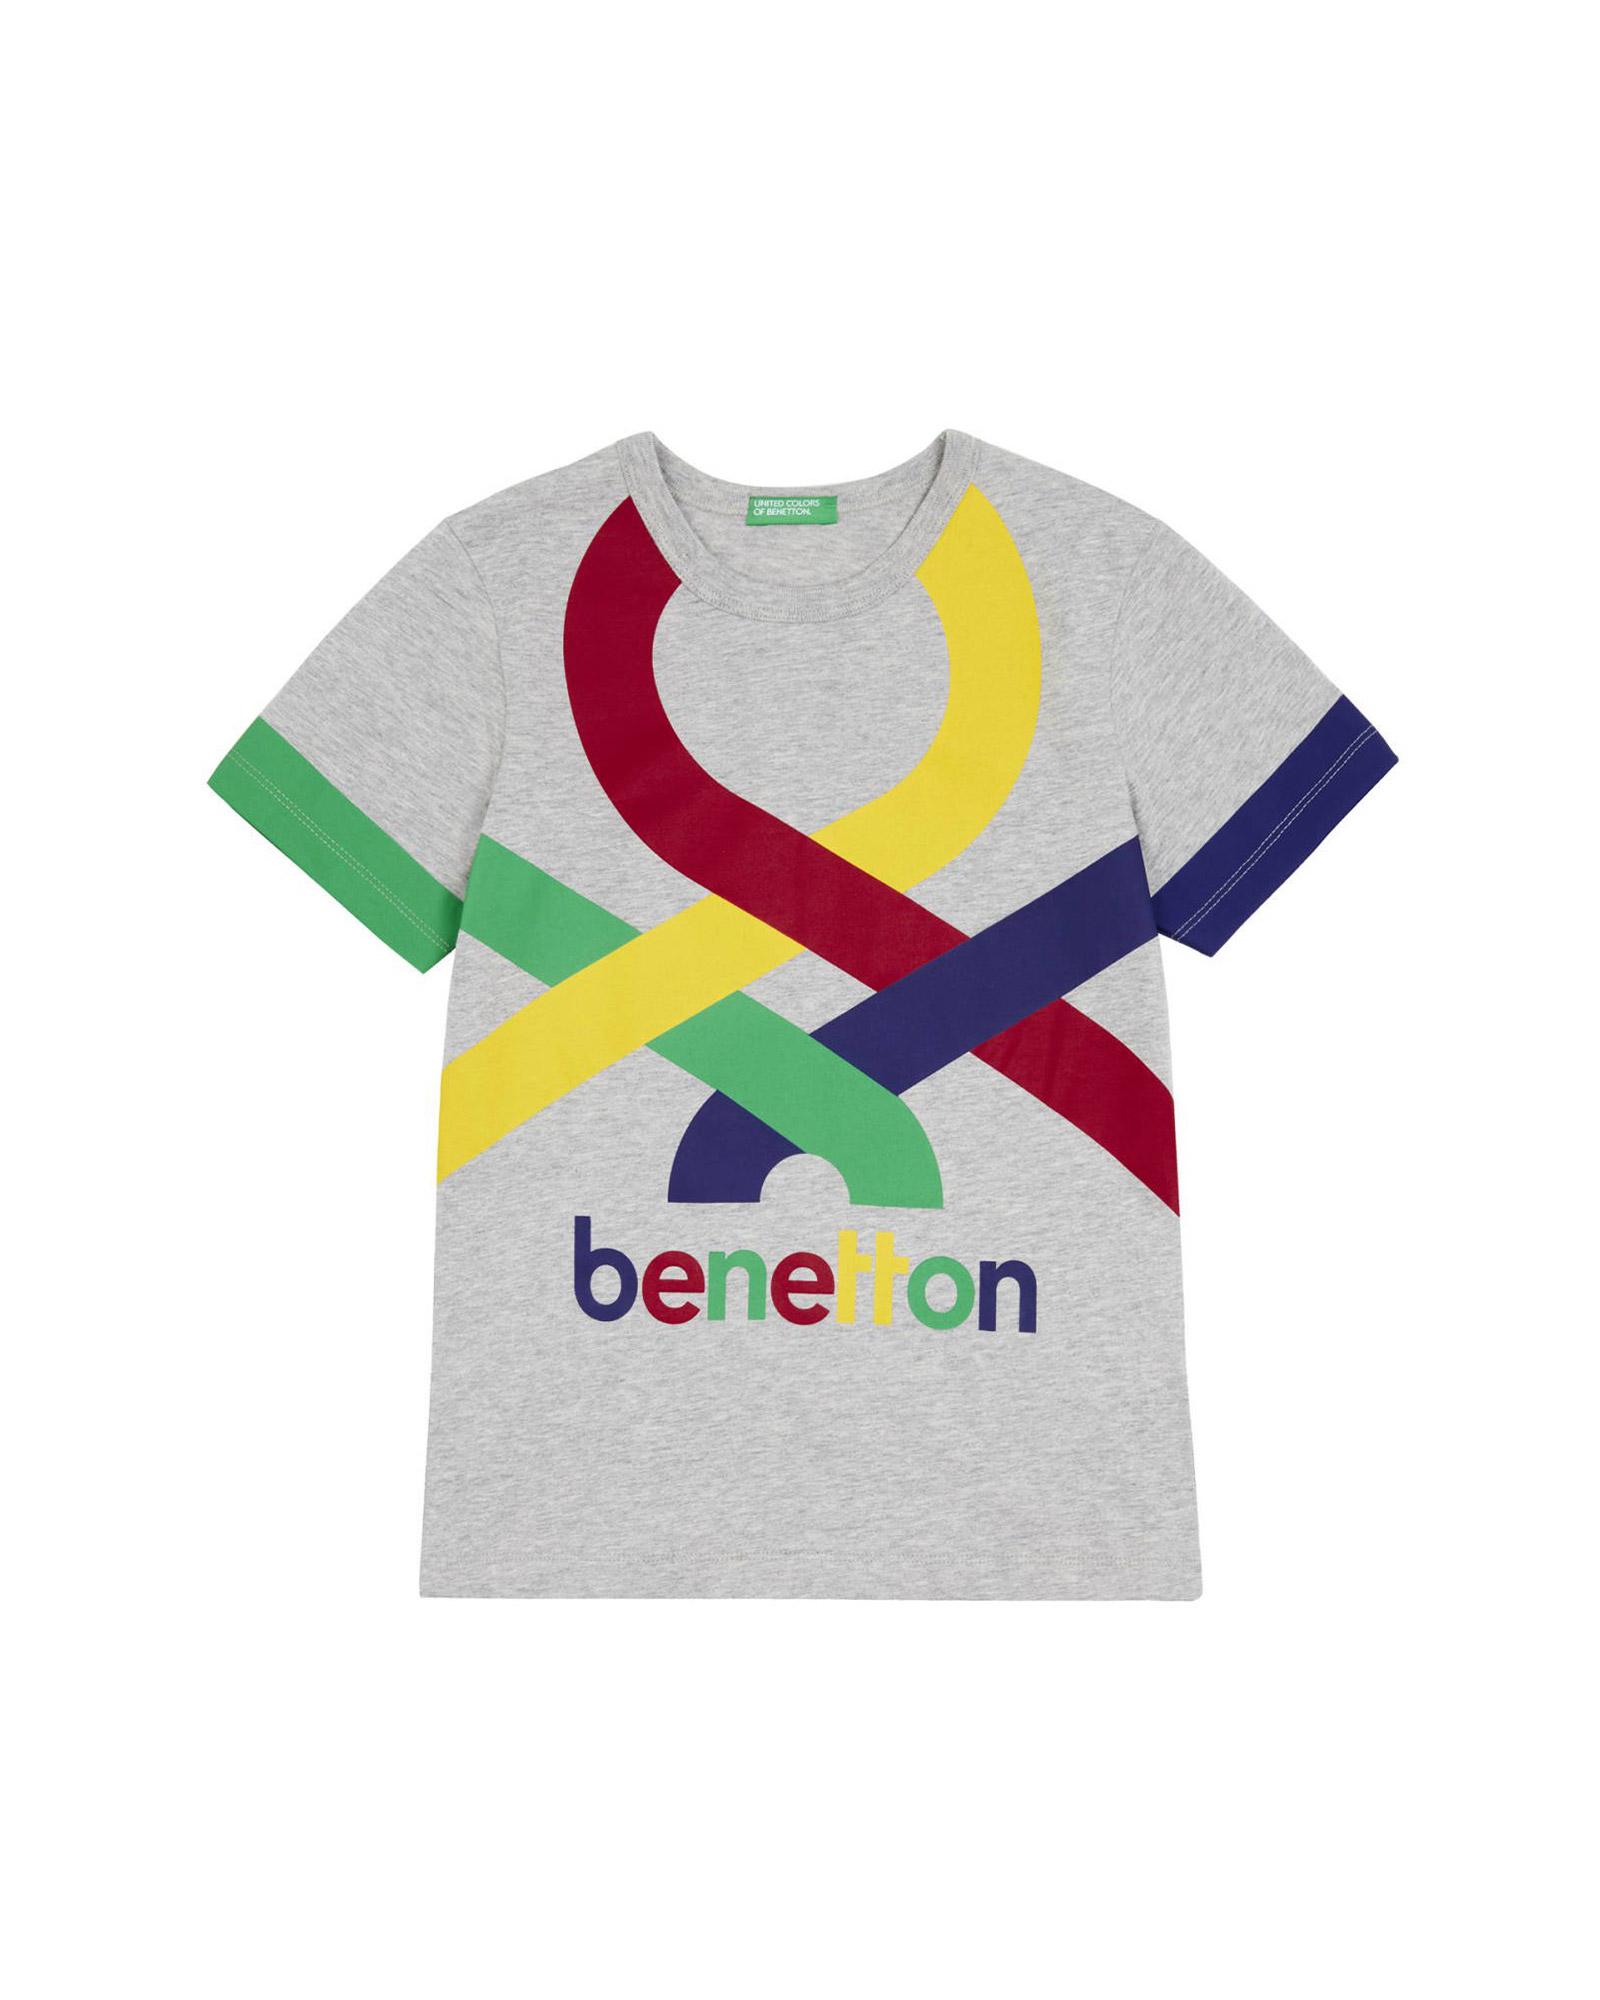 GüNstig Einkaufen Gestreiftes Hemd Jungen 2018 Sommer Kinder-bekleidung Frühling Kleinkind 100% Baumwolle Tops T Jungen Kinder Hemd 3-7y Shirts